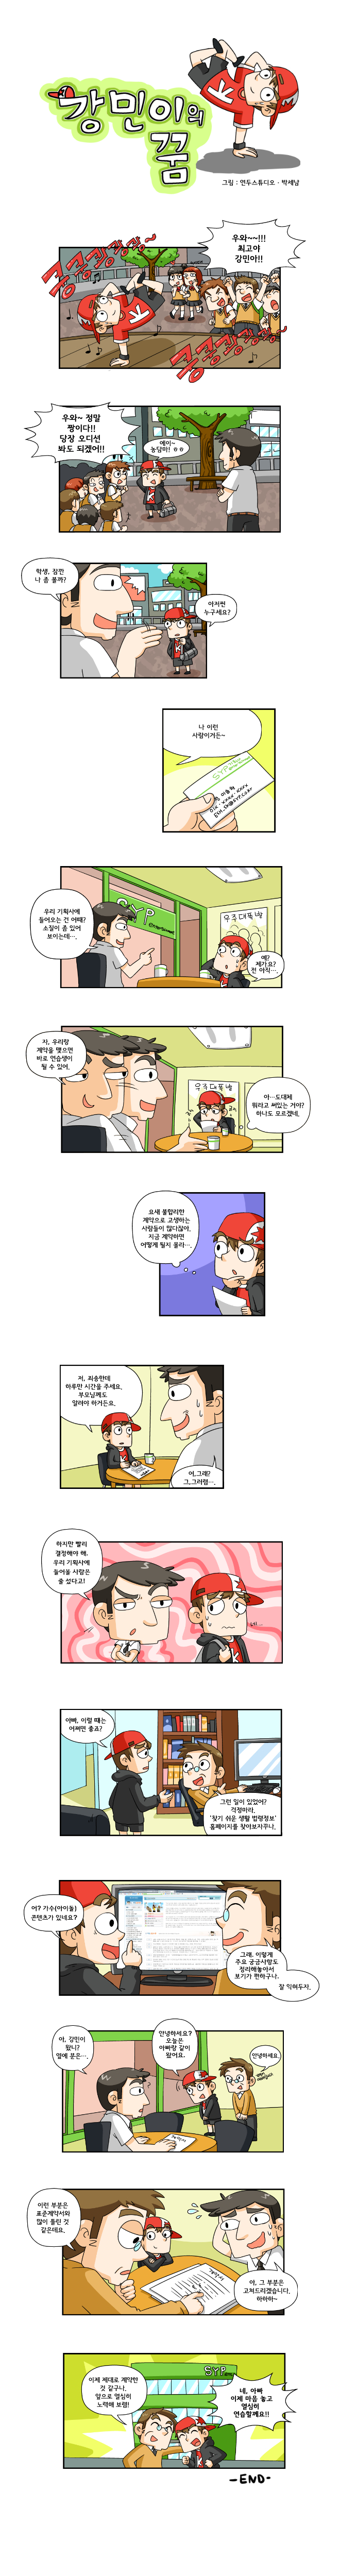 <제4화> 강민이의 꿈